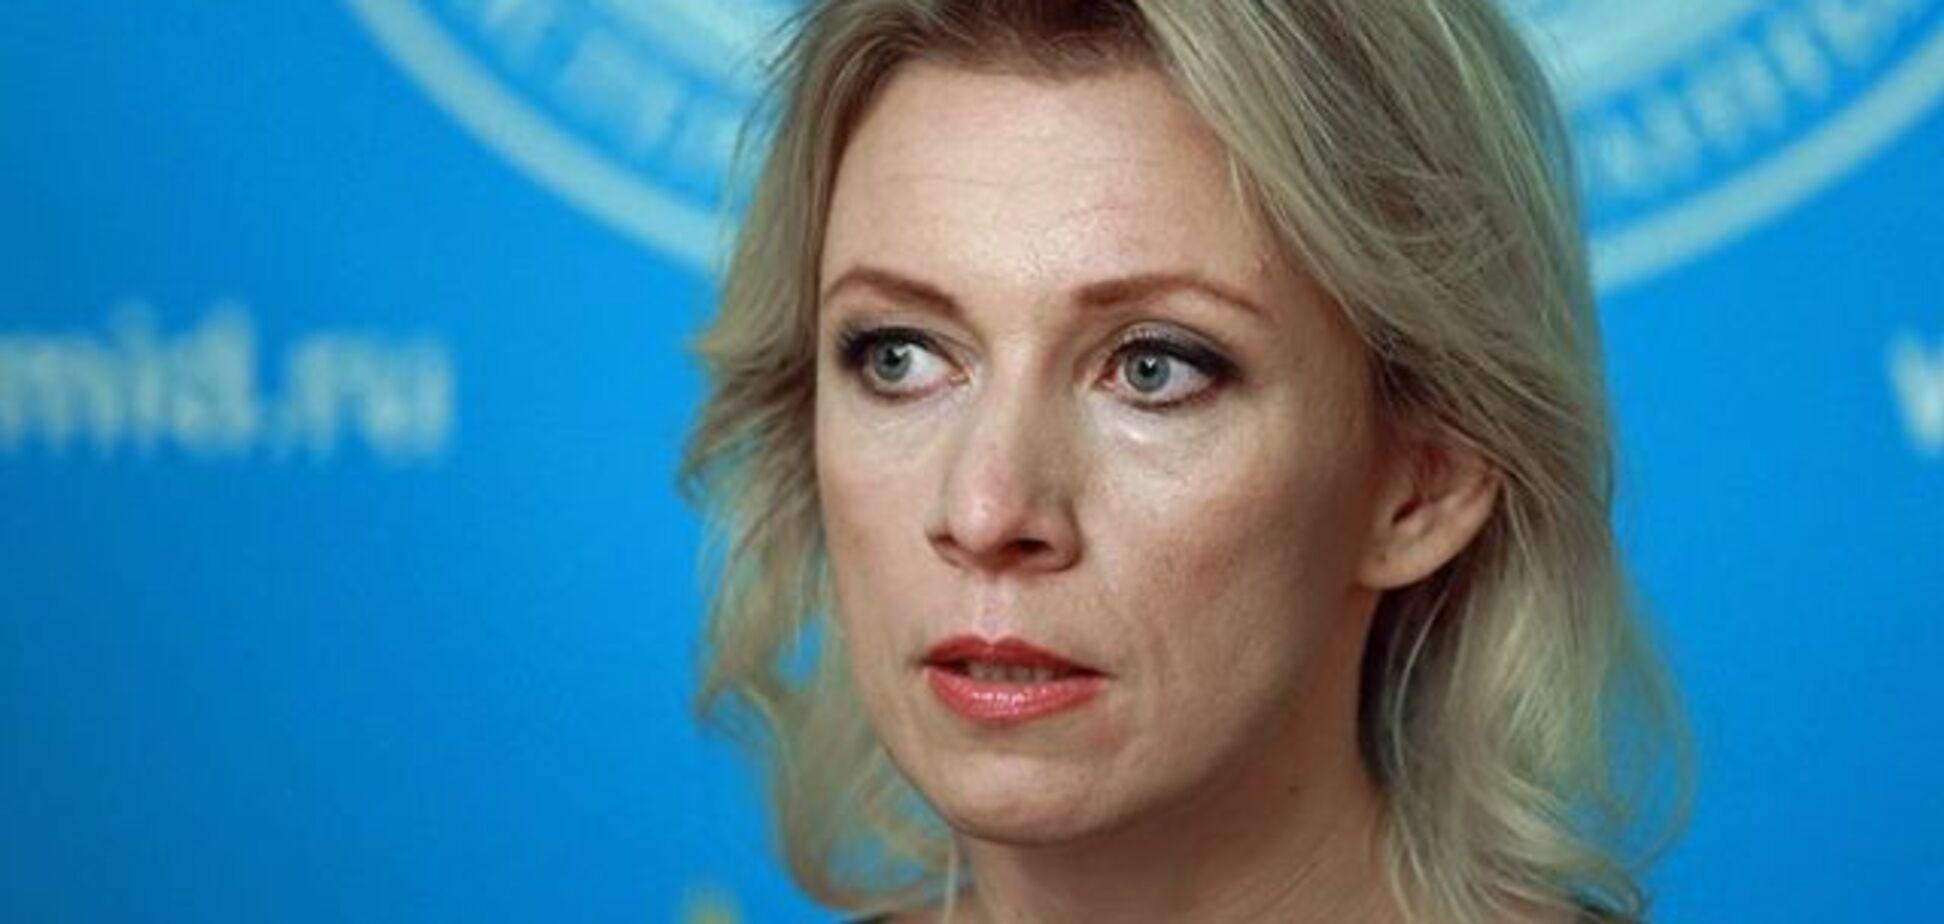 'Ролевые игры': Захарова-'медсестра' разозлила россиян новой выходкой